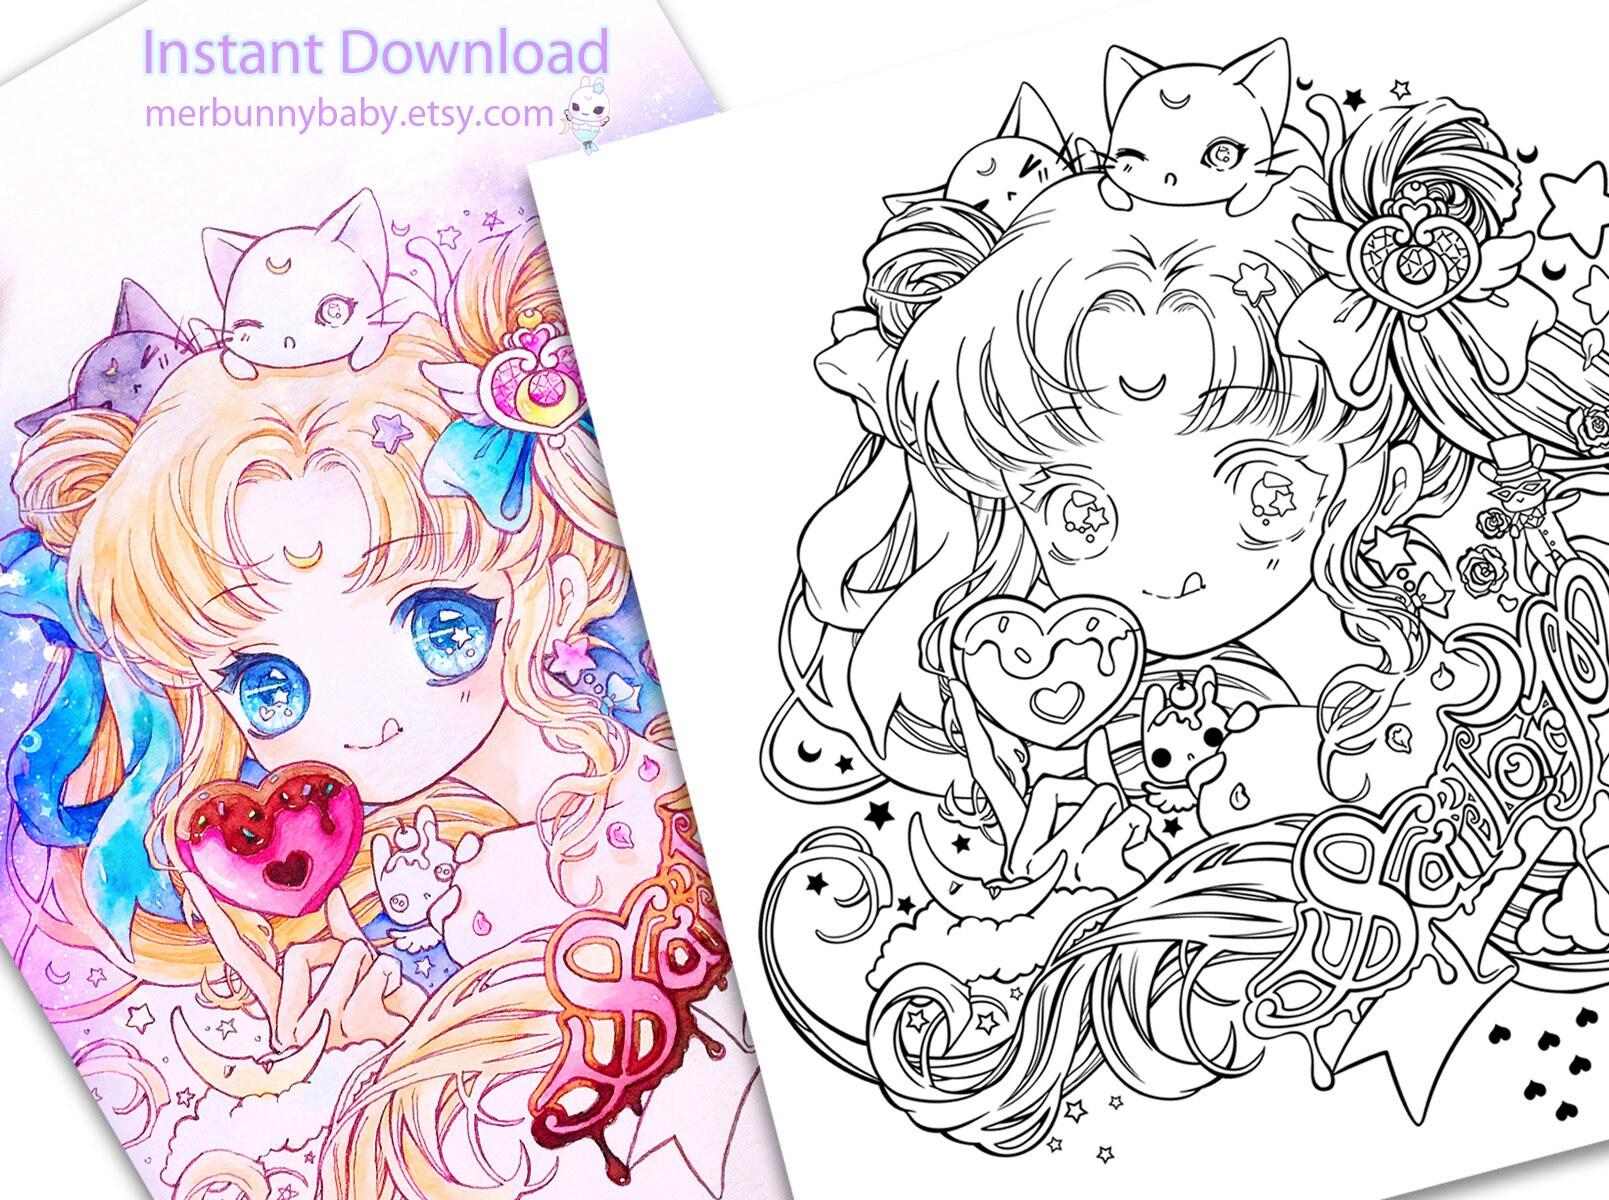 Ungewöhnlich Süße Anime Chibi Mädchen Malvorlagen Bilder - Beispiel ...